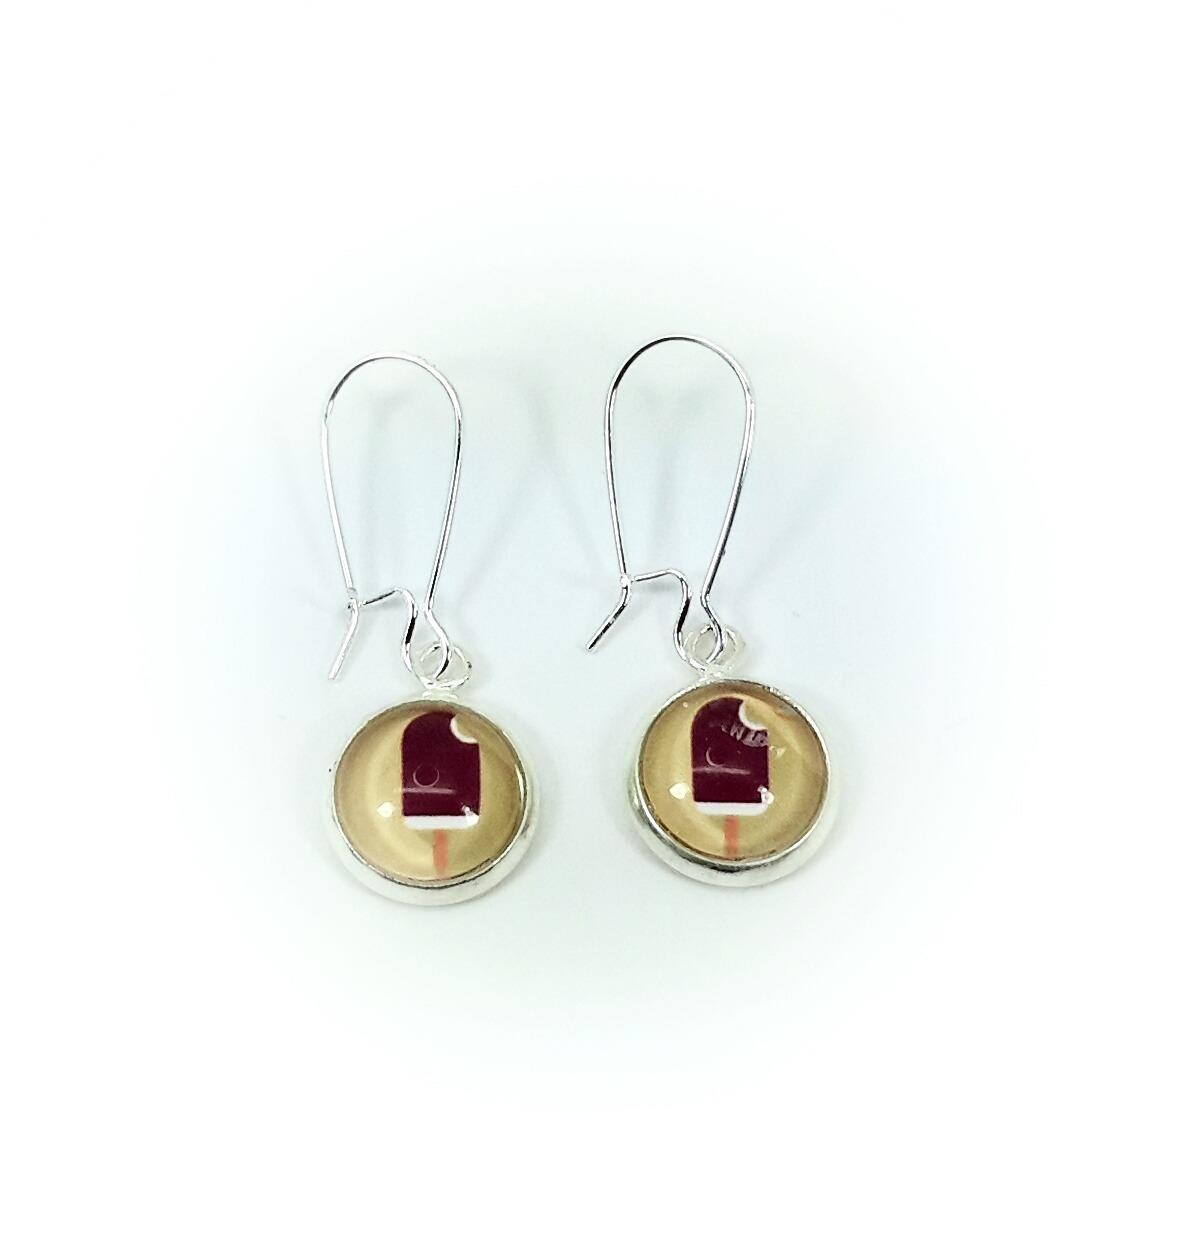 bijoux-enfants-boucles-d-oreilles-pendentives-ice-15776306-img-20150819-117799-cd19e_big